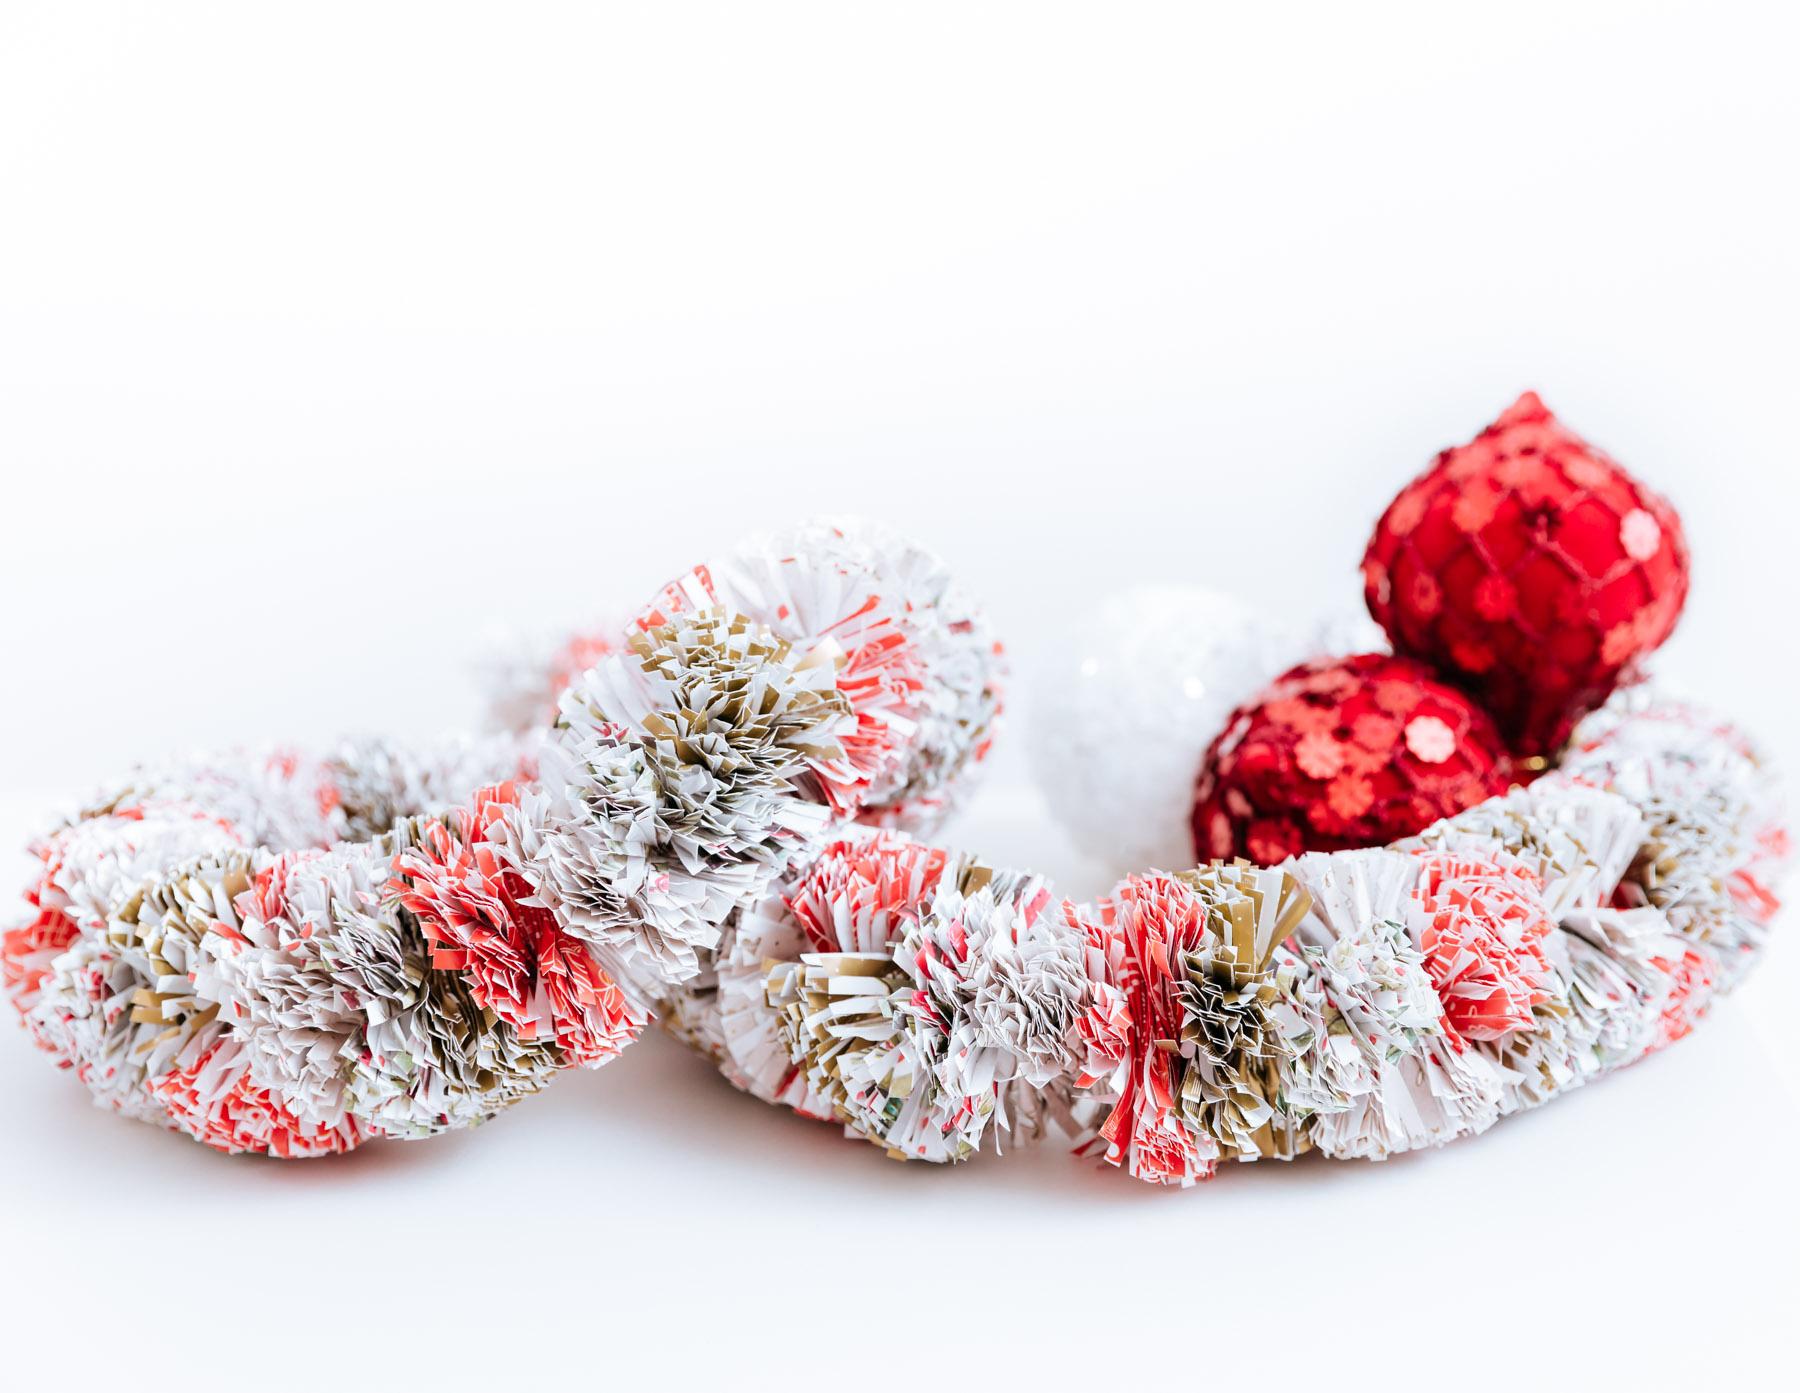 Guirnalda navide a con papel para regalo gu a de manualidades - Guirnaldas navidad manualidades ...